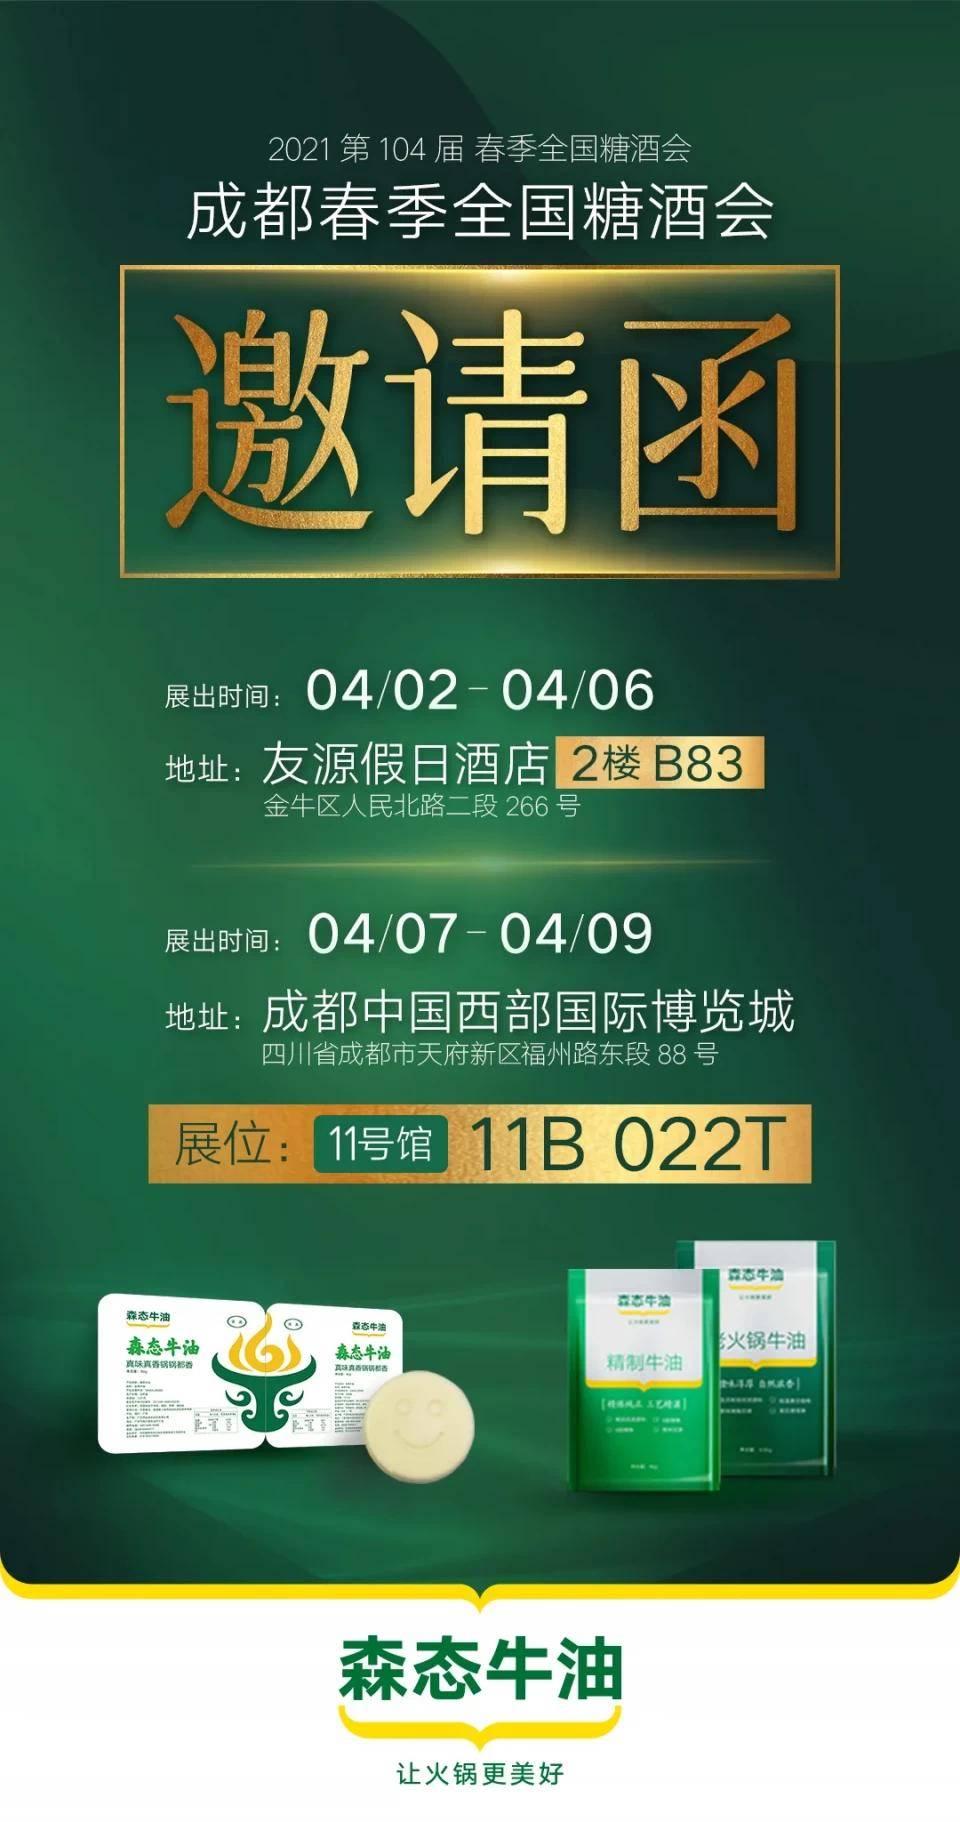 森态携三星堆文化亮相2021春季糖酒会—世界的三星堆,中国的森态牛油